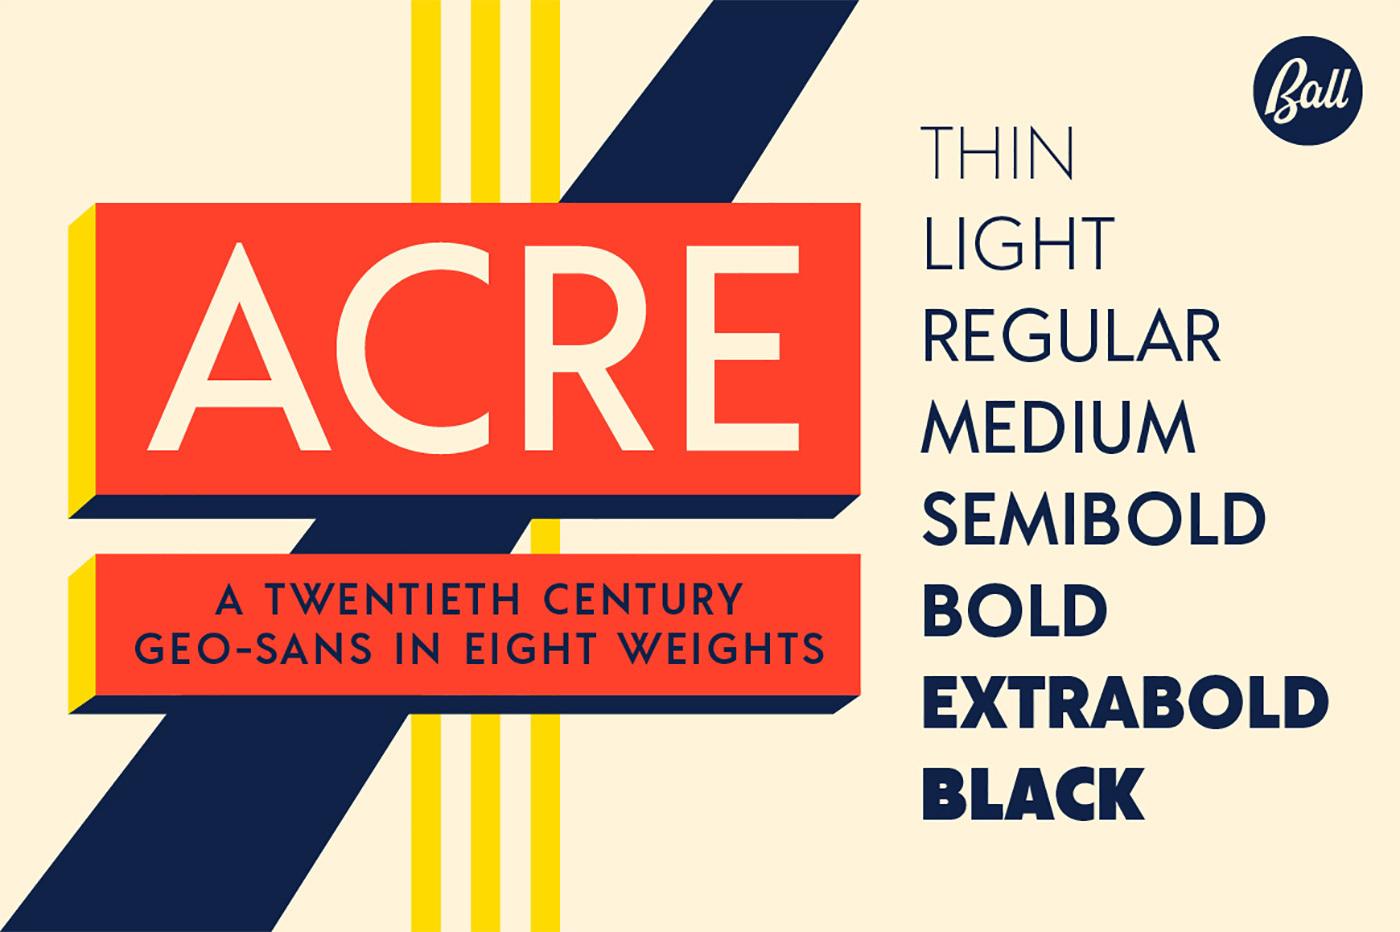 Acre is a twentieth-century geo-sans in eight weights